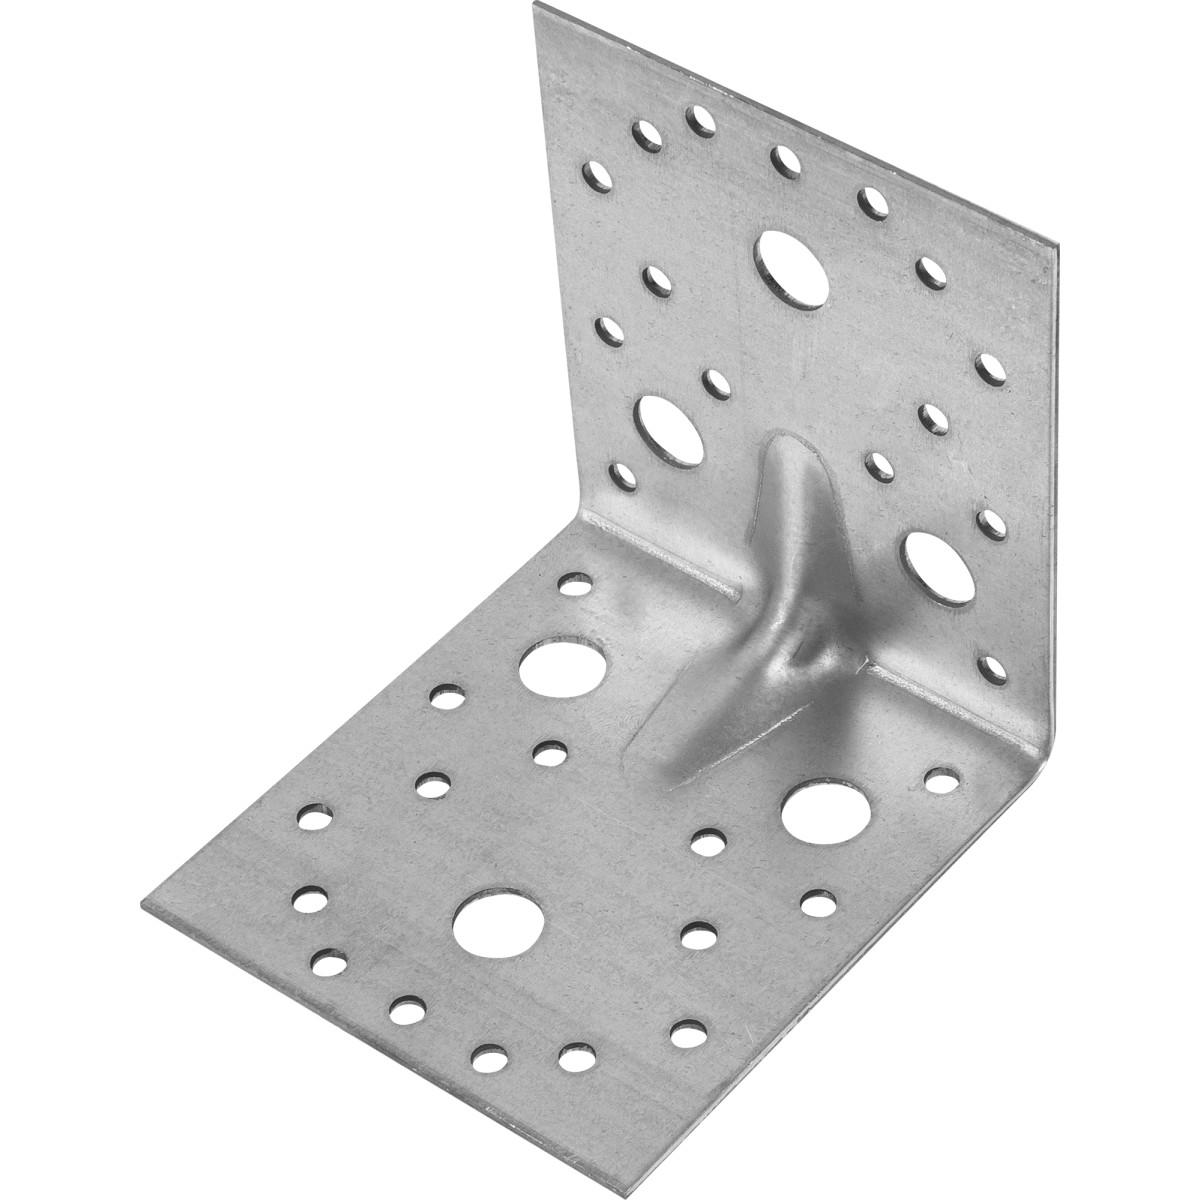 Уголок крепежный усиленный оцинкованный 105x105x90x2 мм 10 шт.